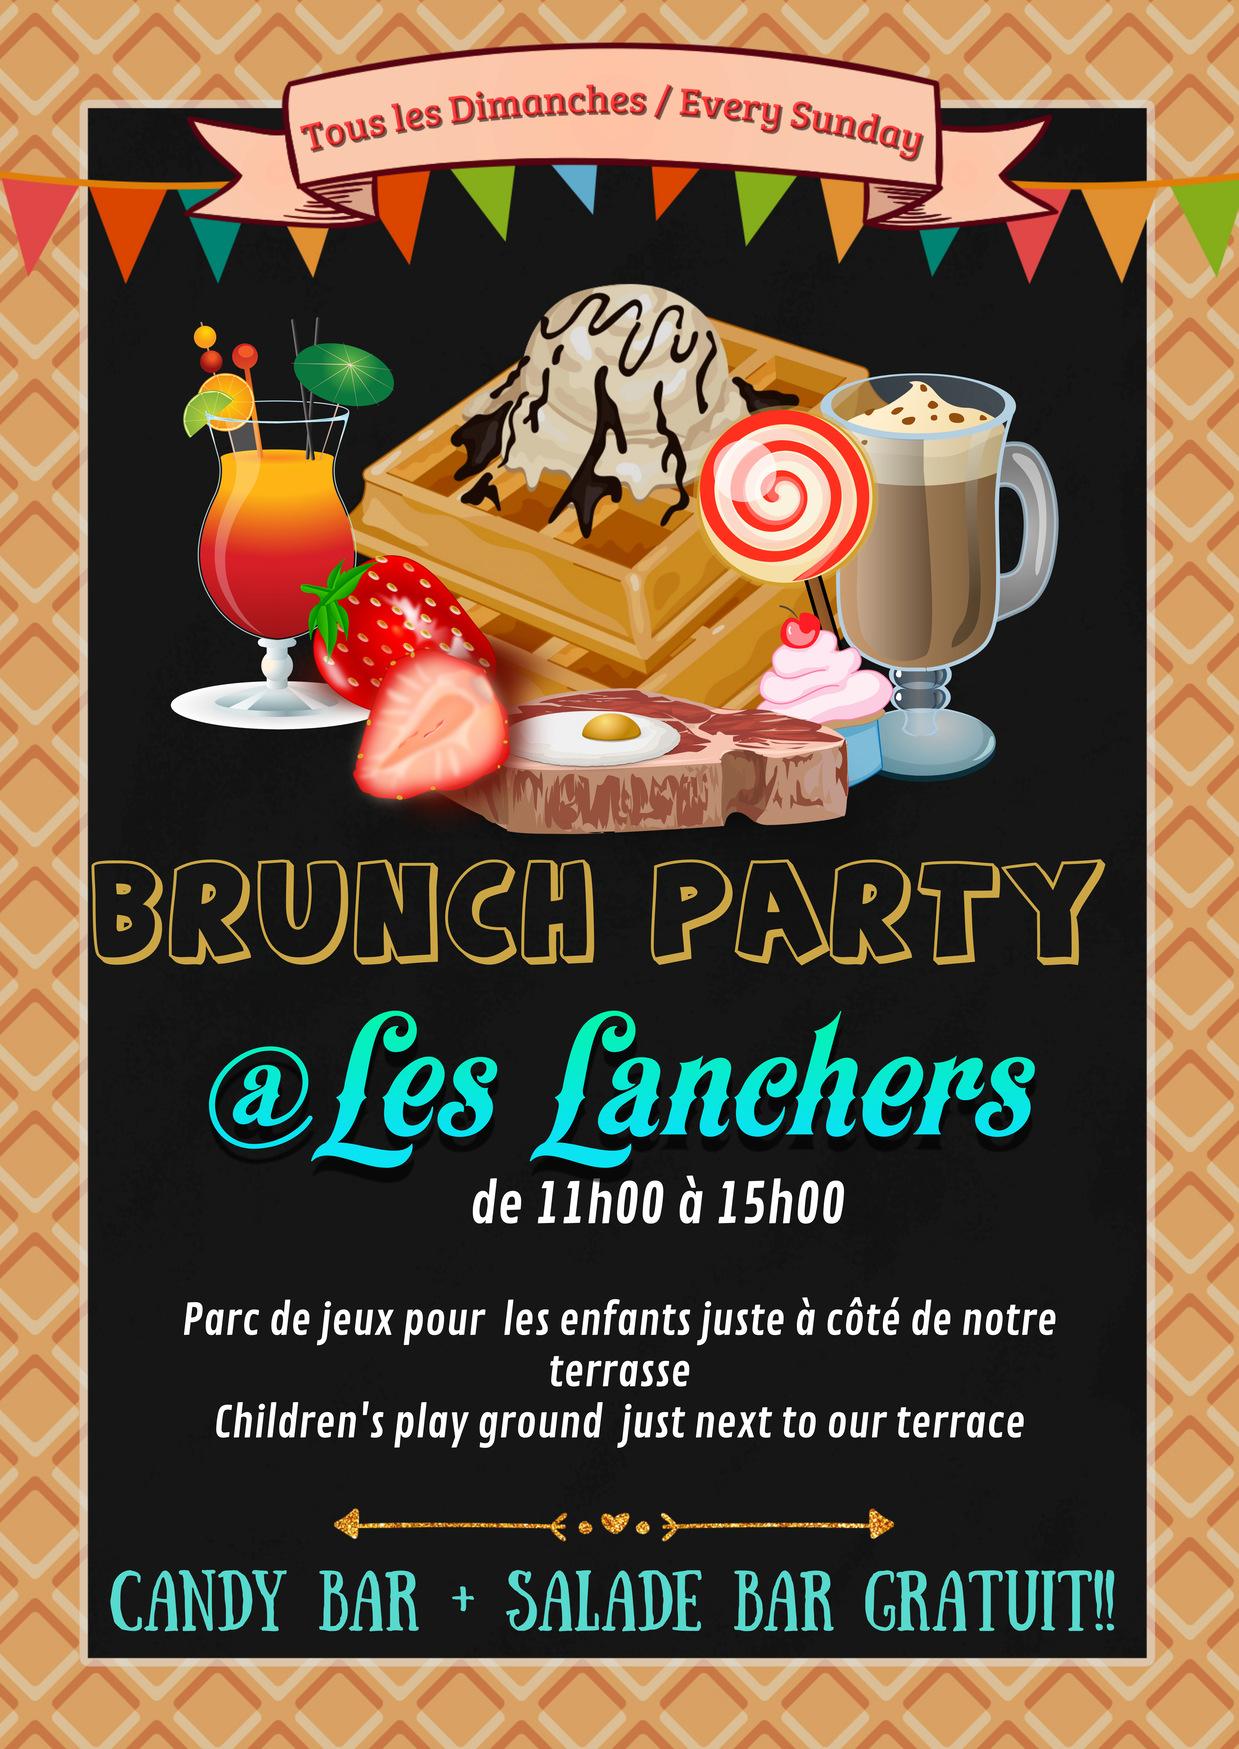 Best restaurant in Chamonix - Brunch Party Sunday